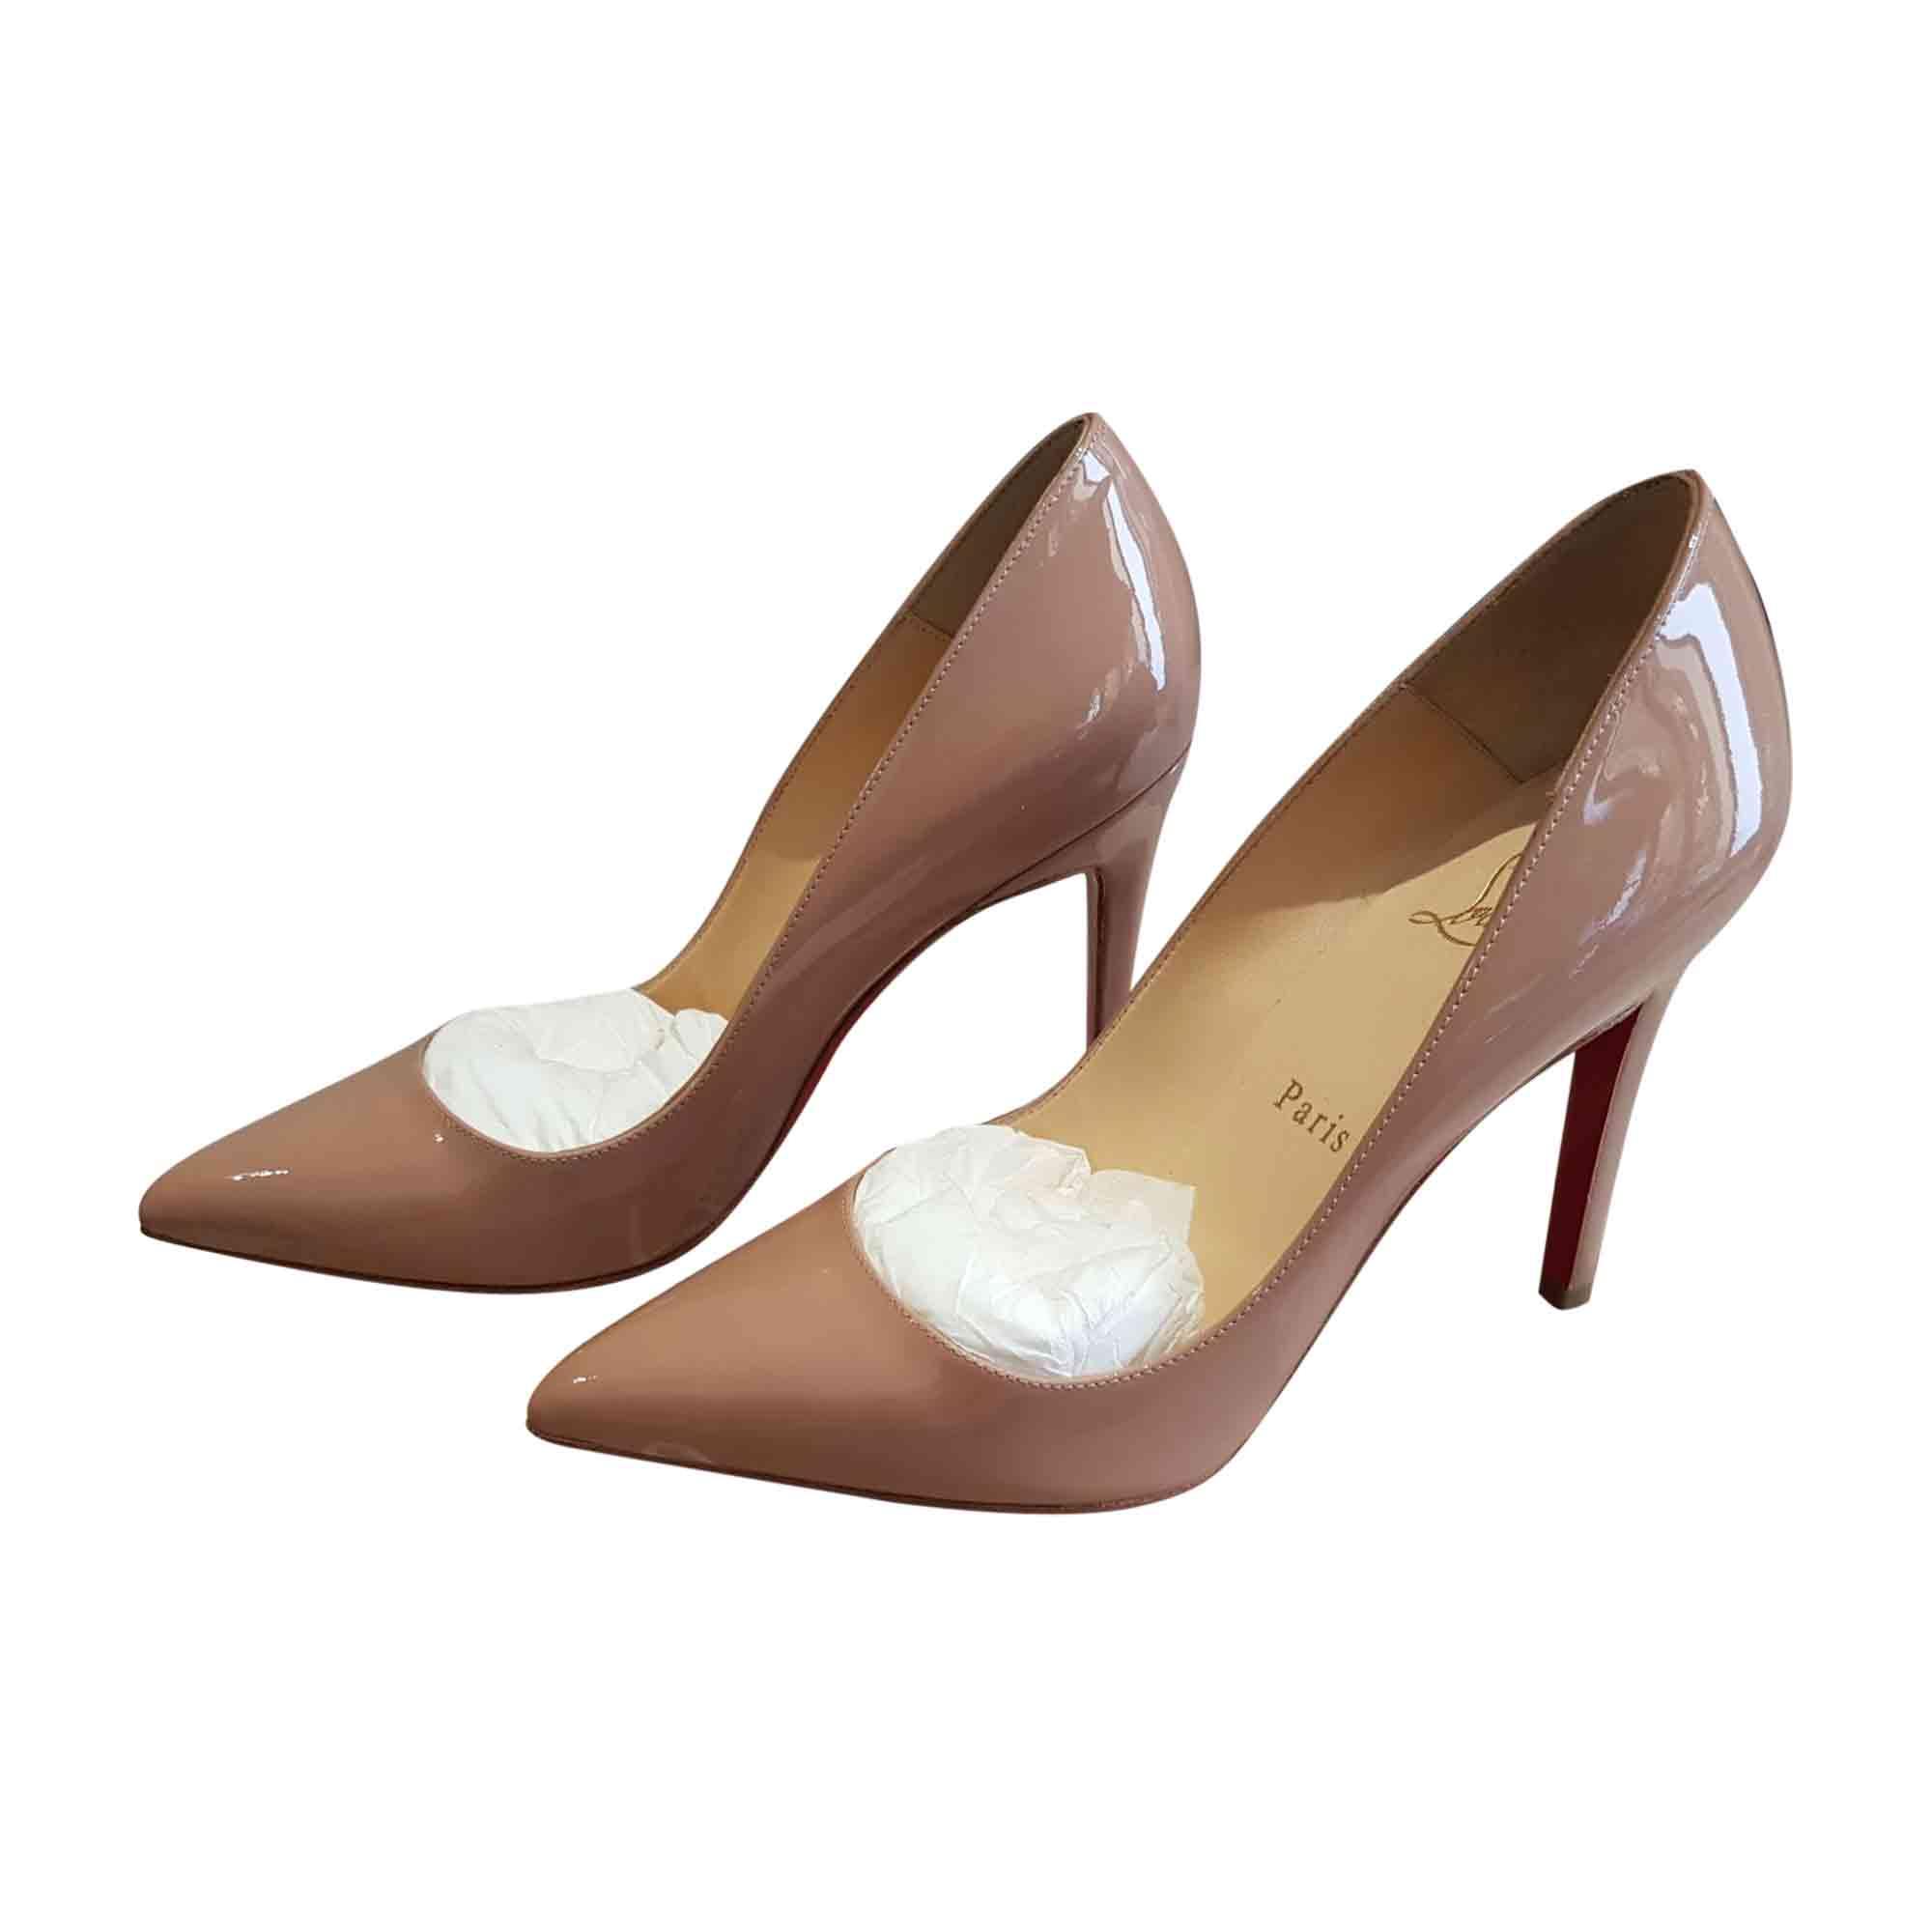 pas mal 697e7 f23fa Chaussures de danse